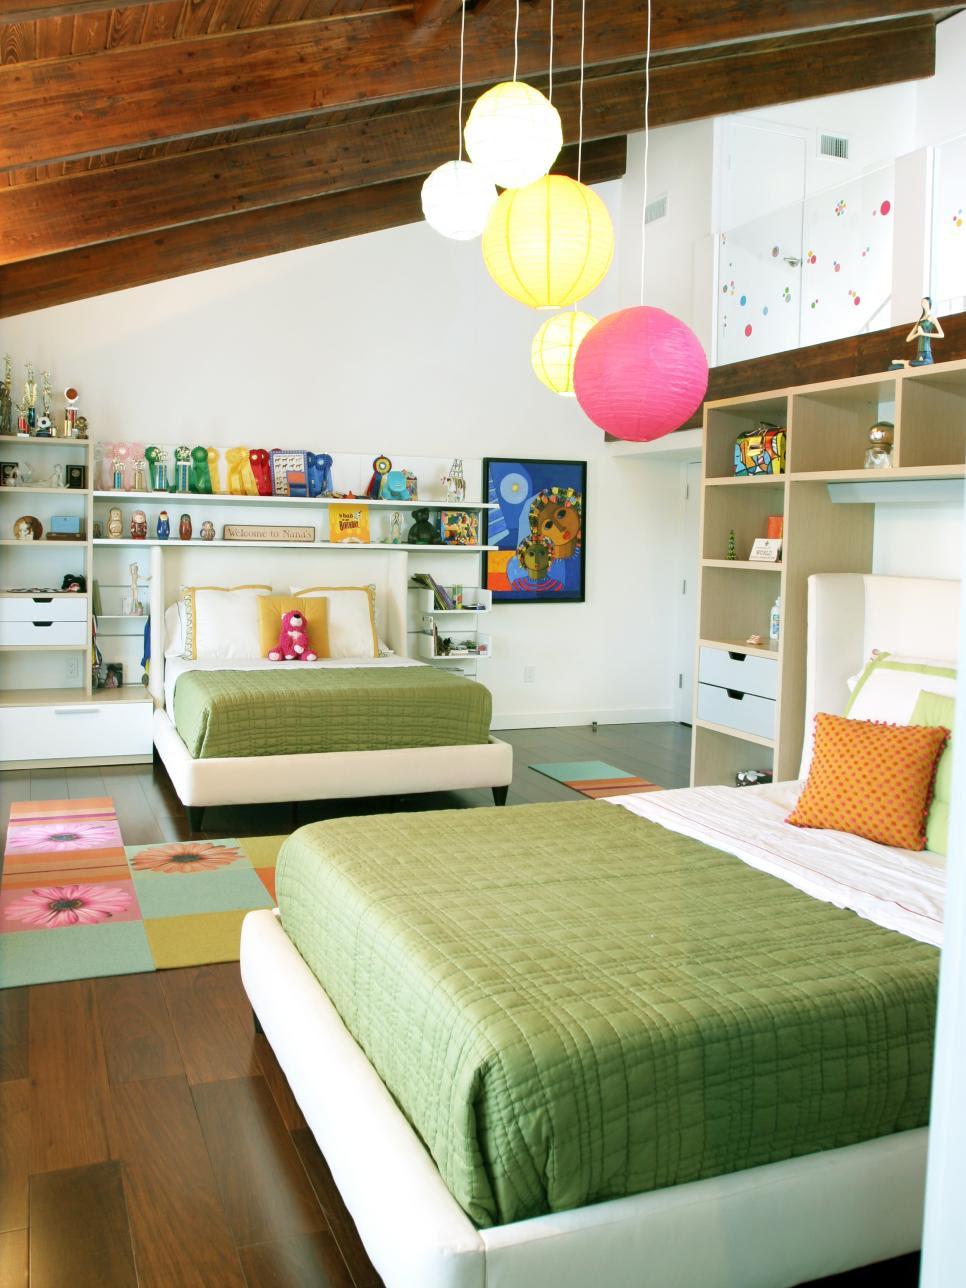 Lighting Ideas for Your Kids' Room | HGTV